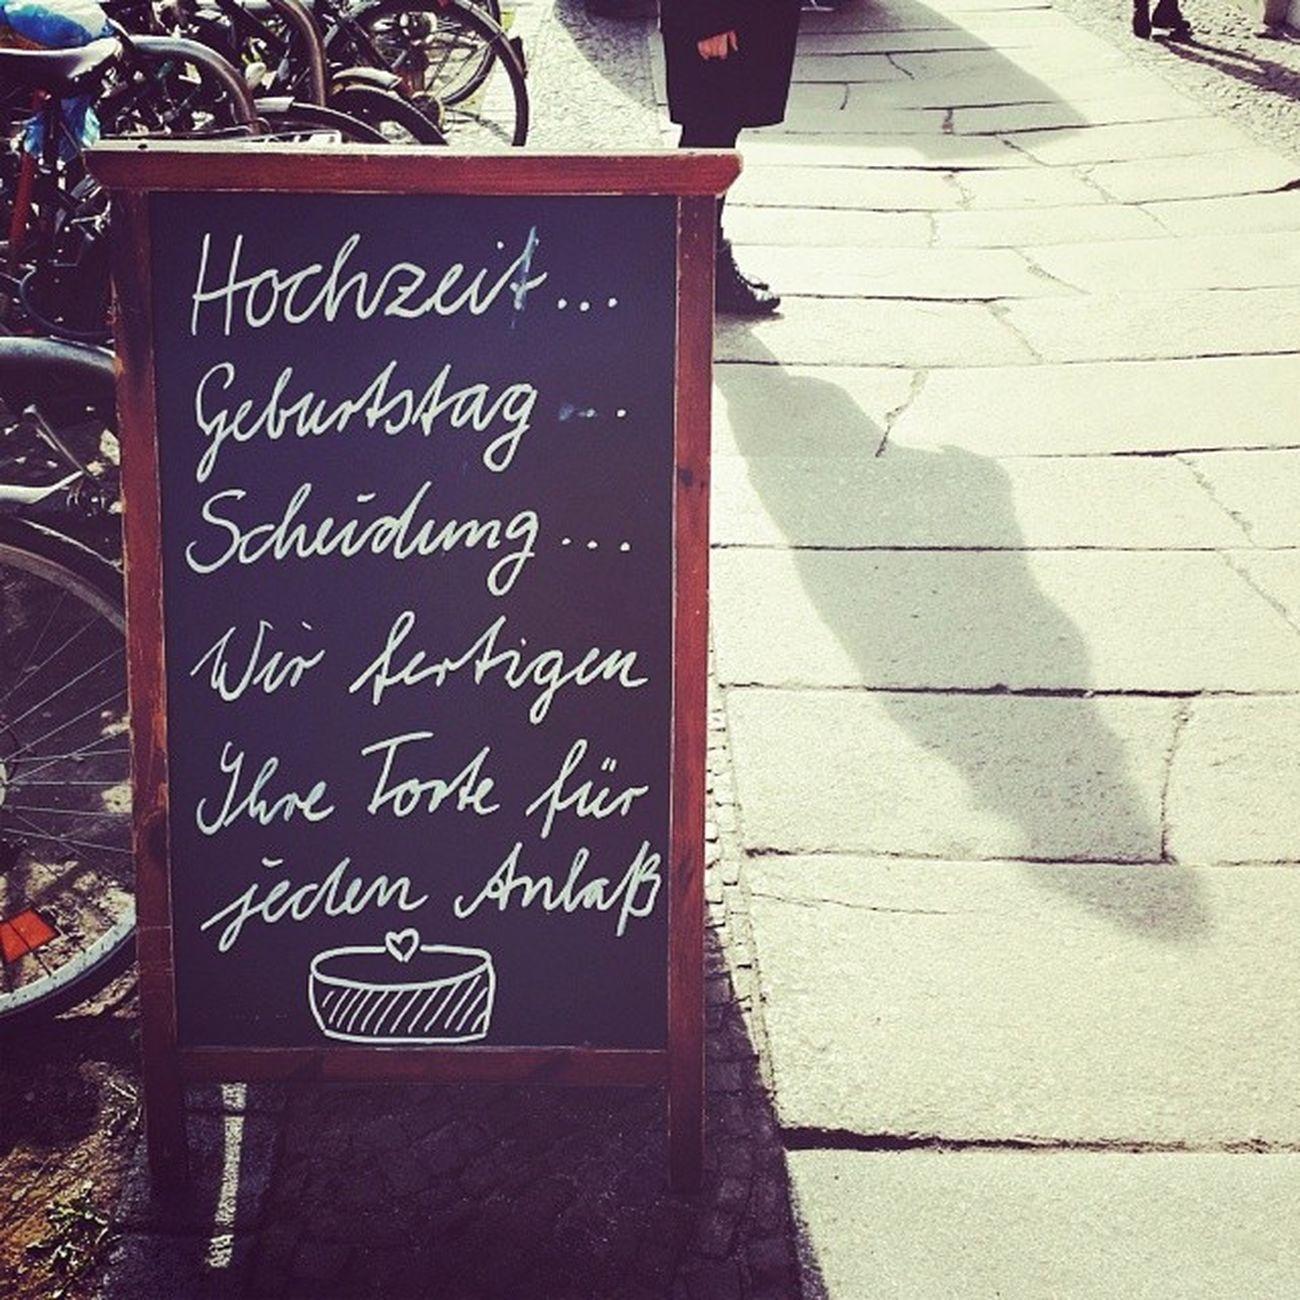 Eine Torte fuer Jedenanlass ... Saturday Karli thisisleipzig